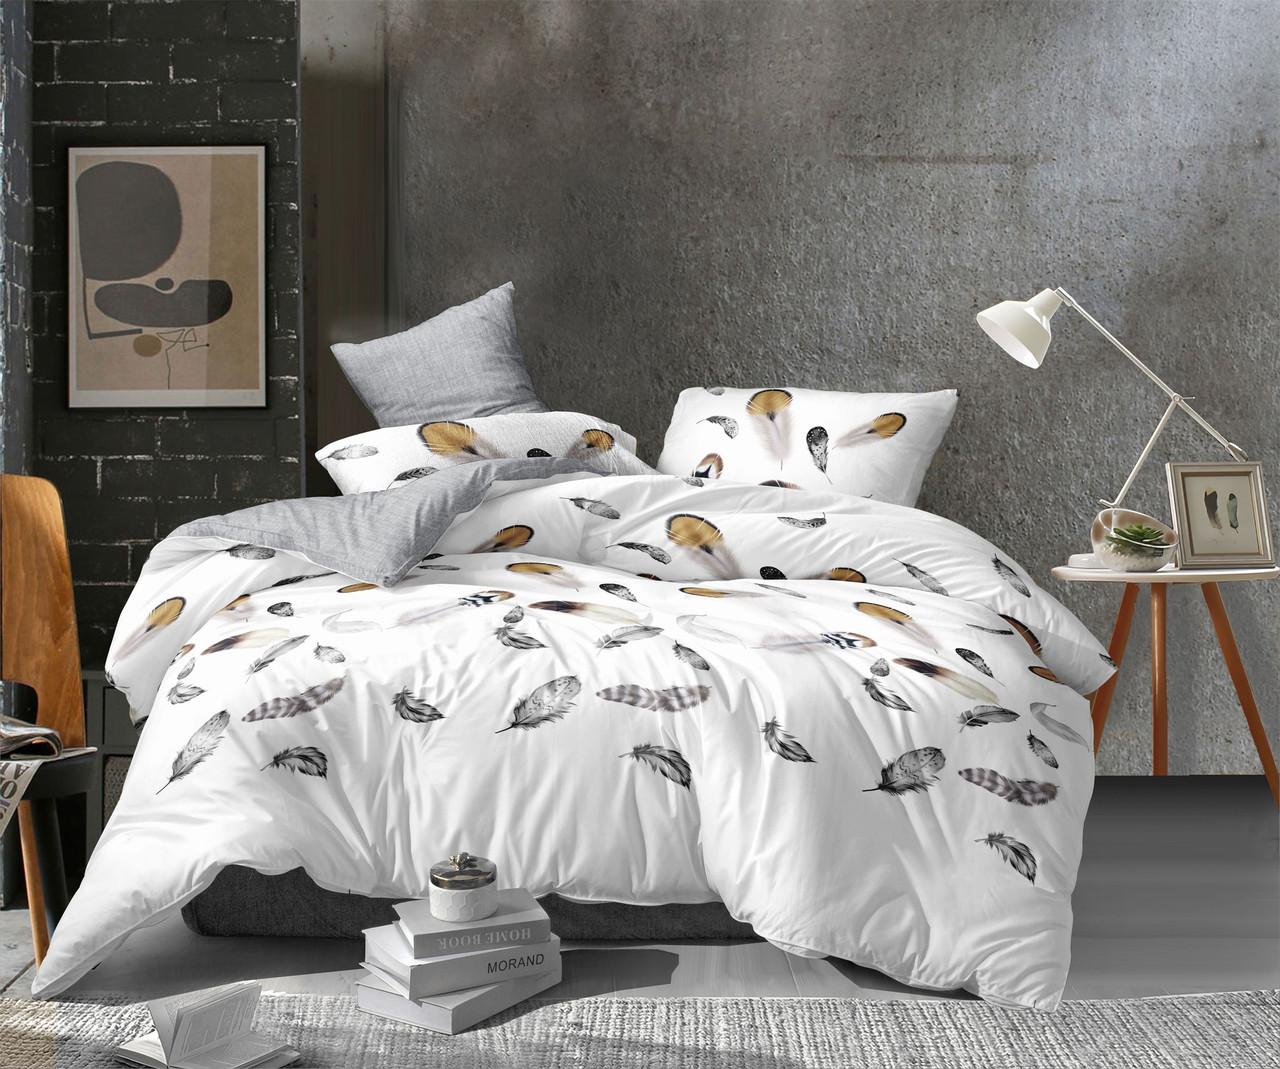 Двуспальный комплект постельного белья евро 200*220 сатин (13600) TM КРИСПОЛ Украина